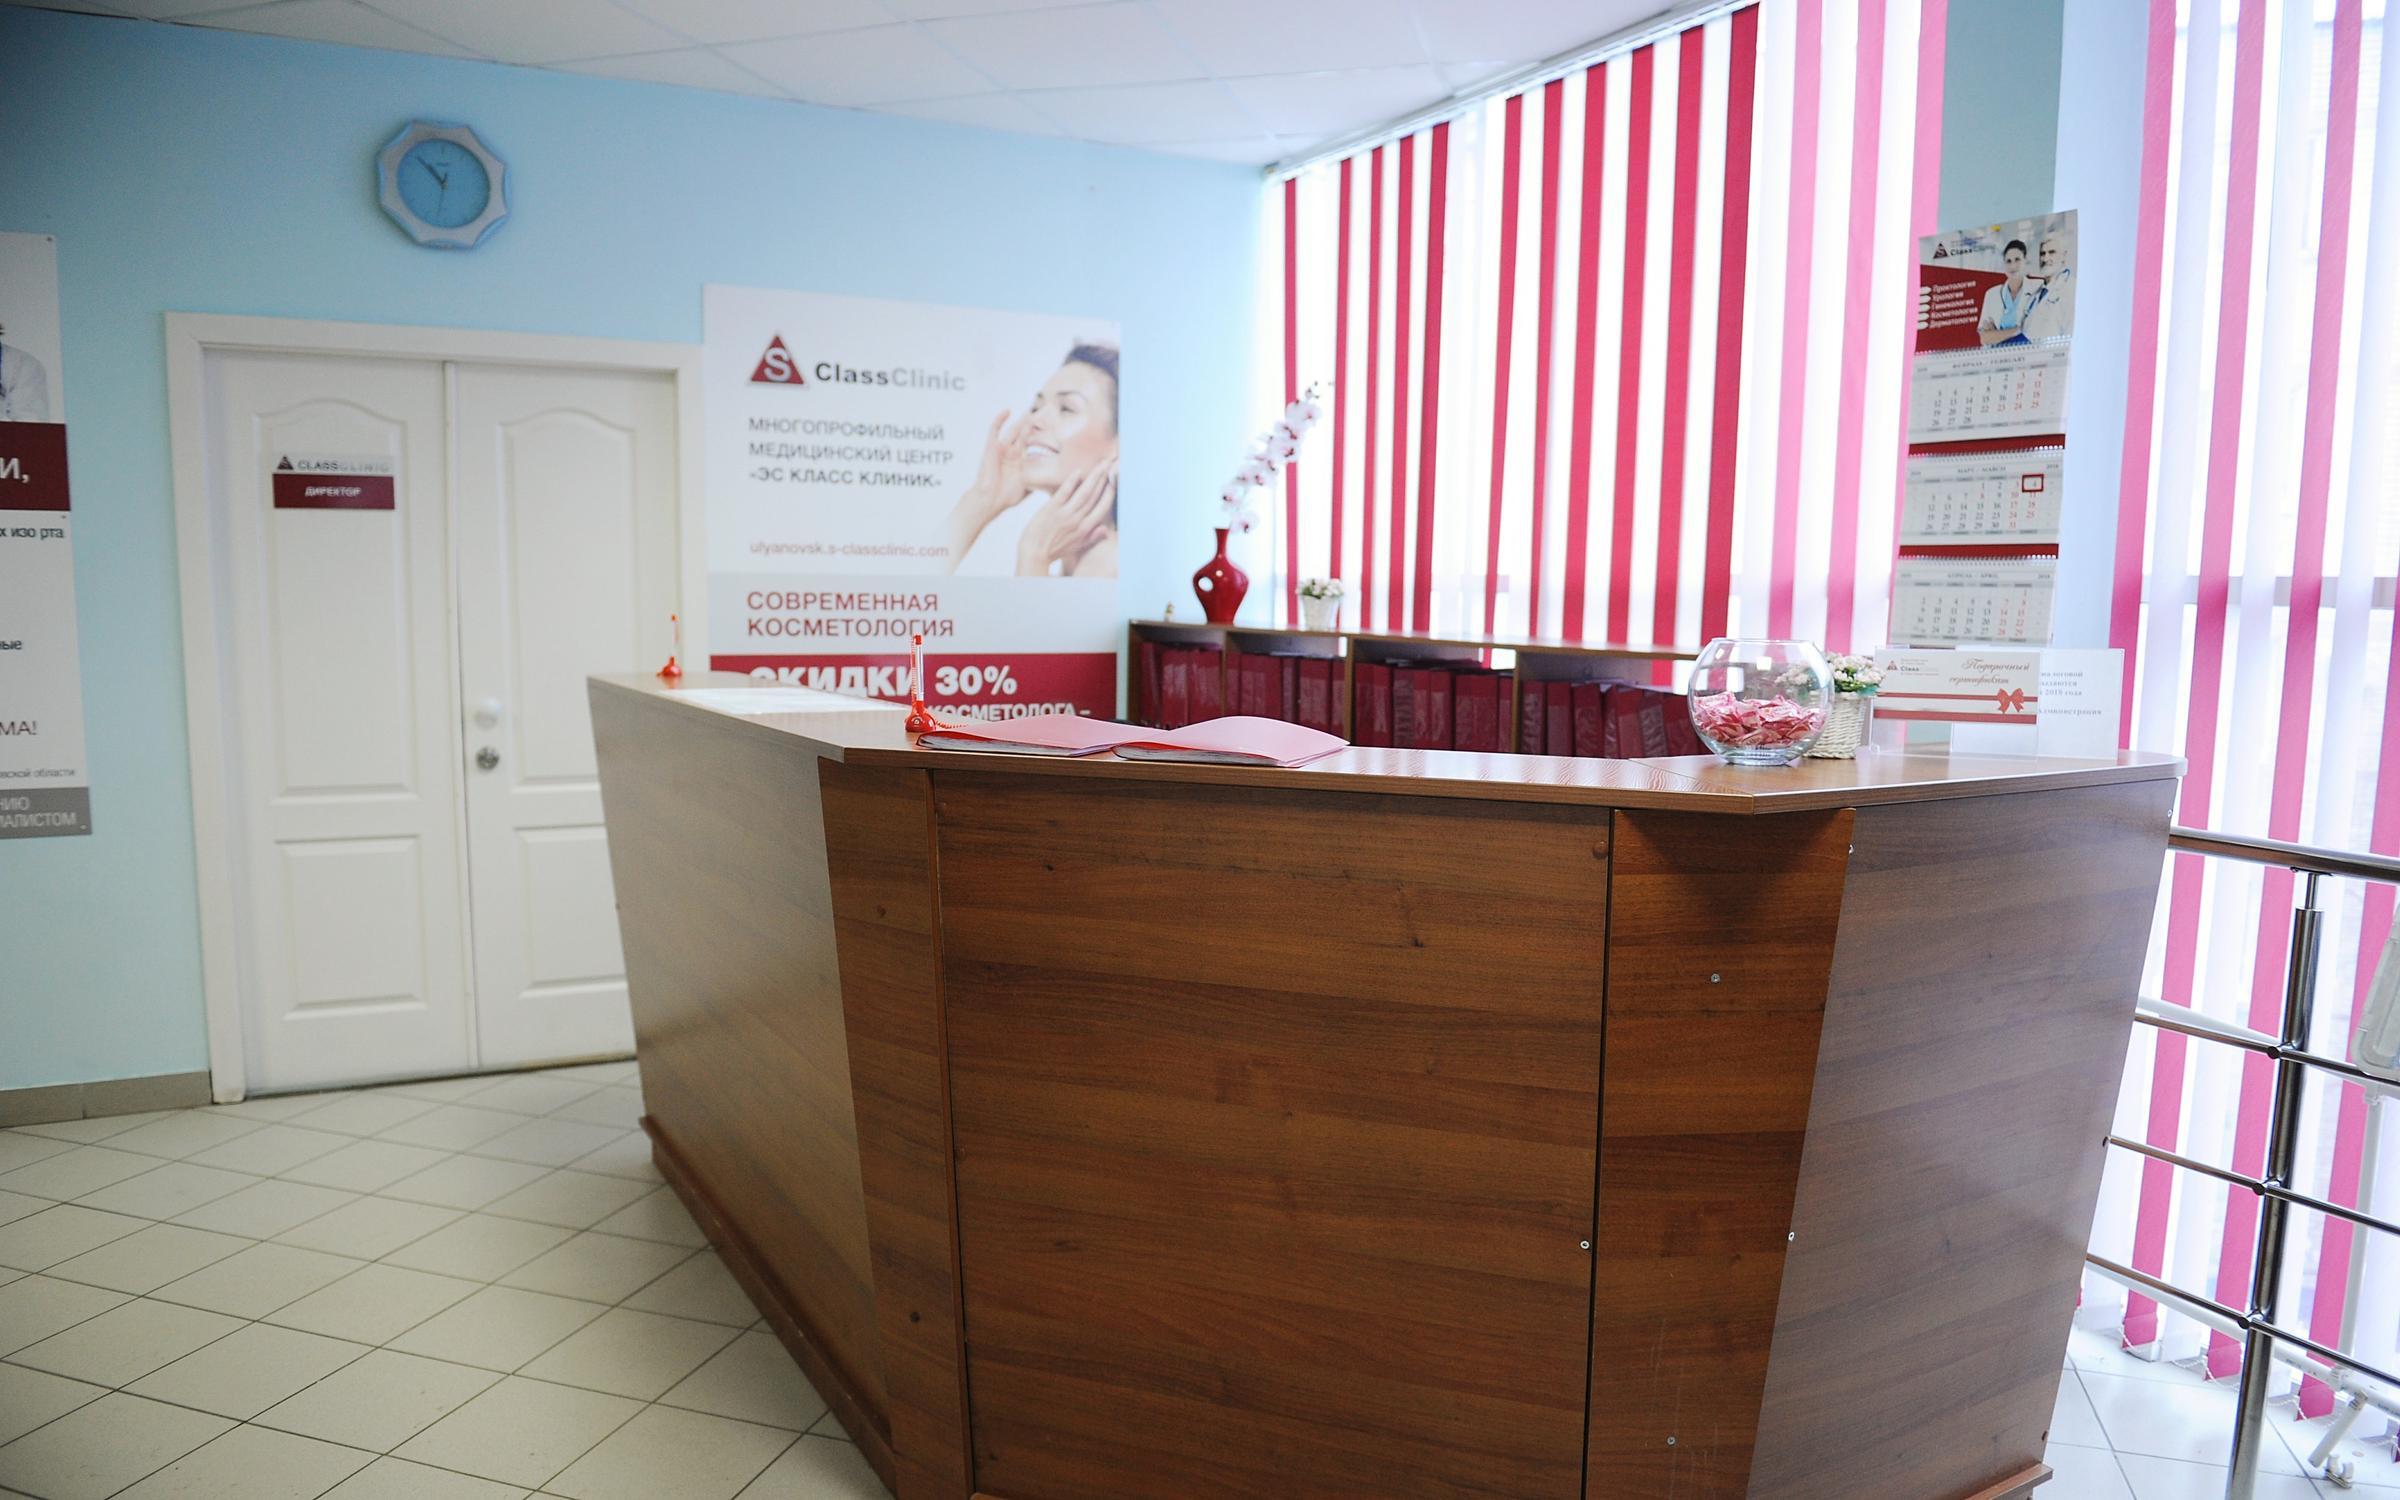 фотография Клиники S Class Clinic Ульяновск на улице Орлова